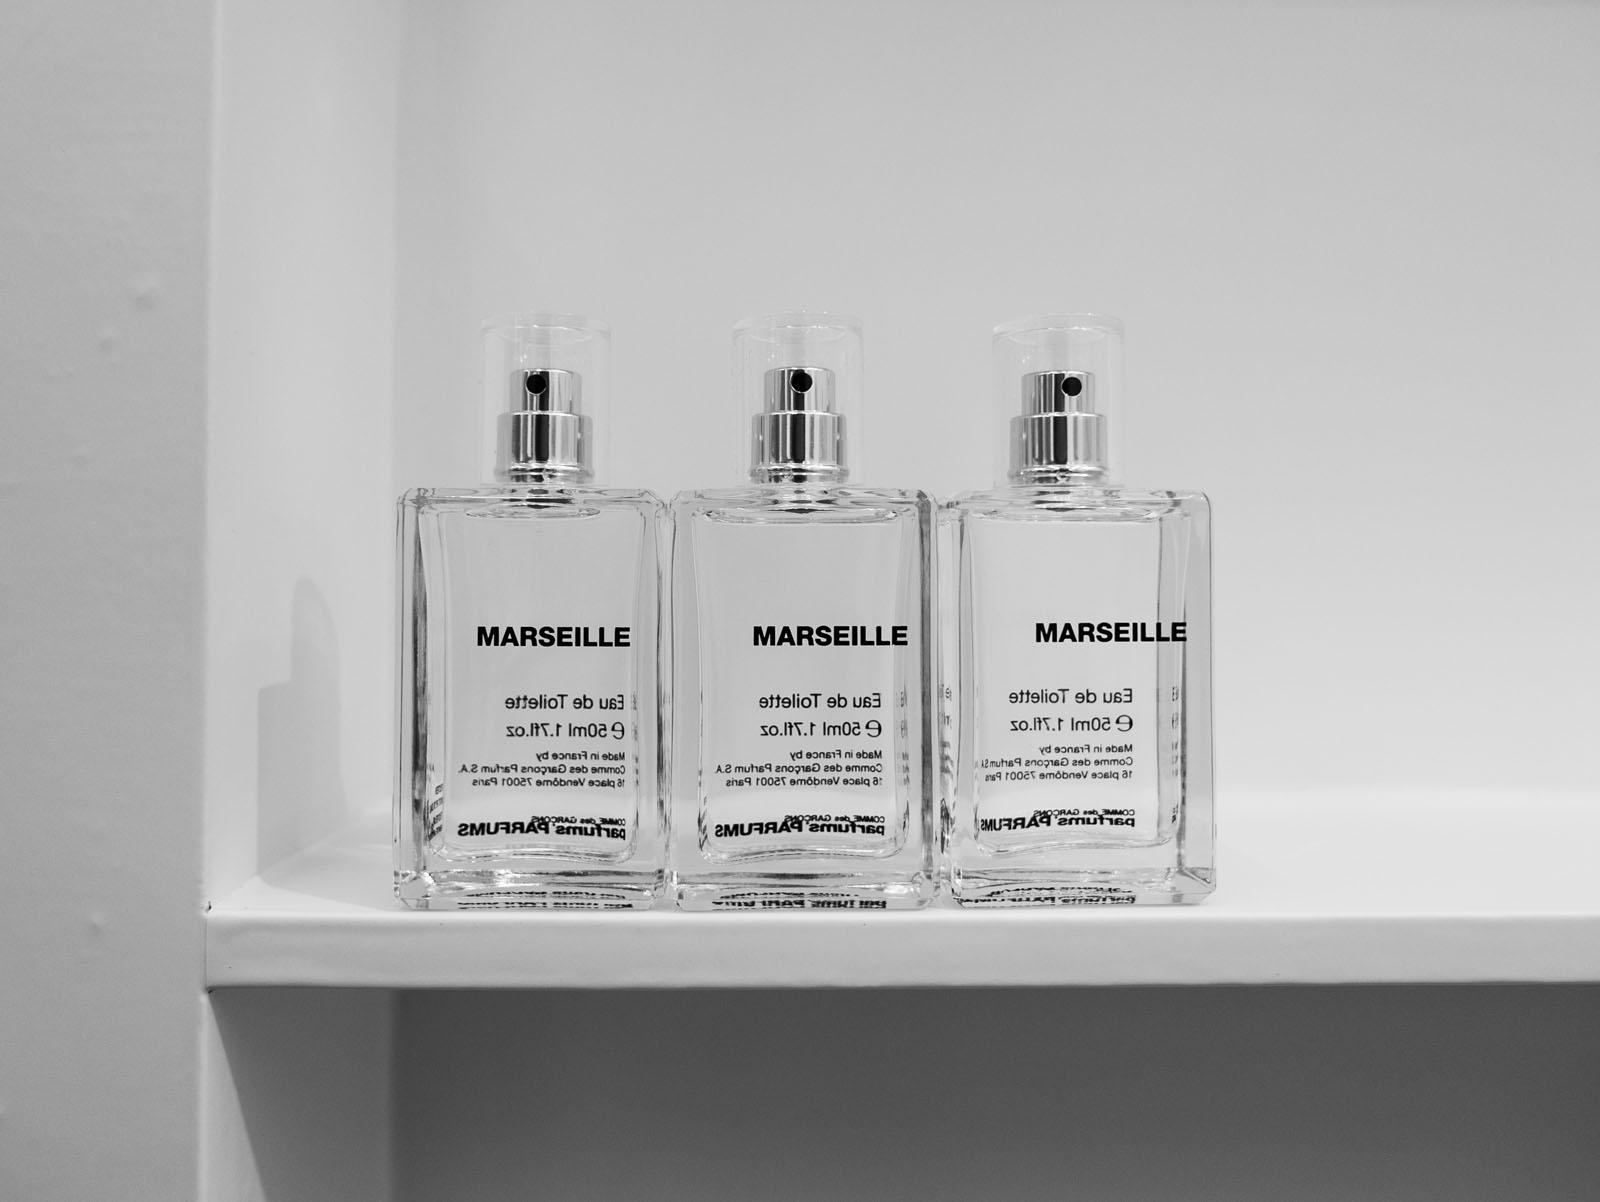 MARSEILLE_10.jpg